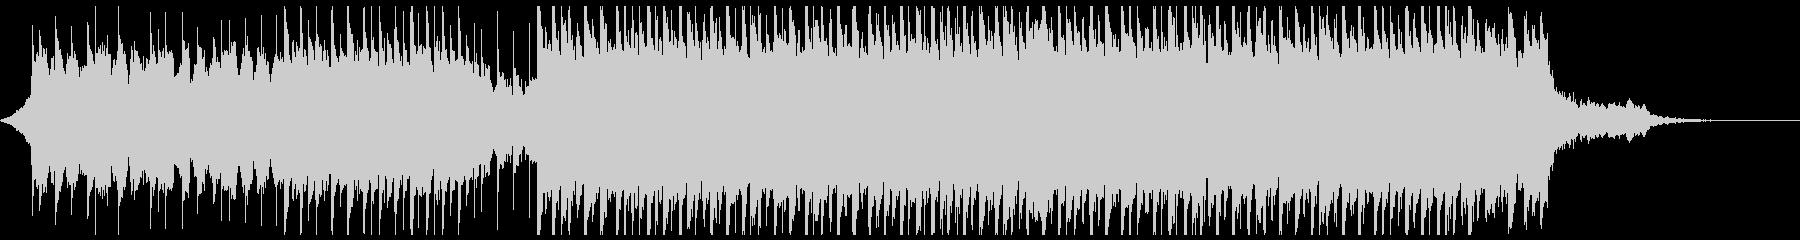 ポジティブになる(60秒)の未再生の波形